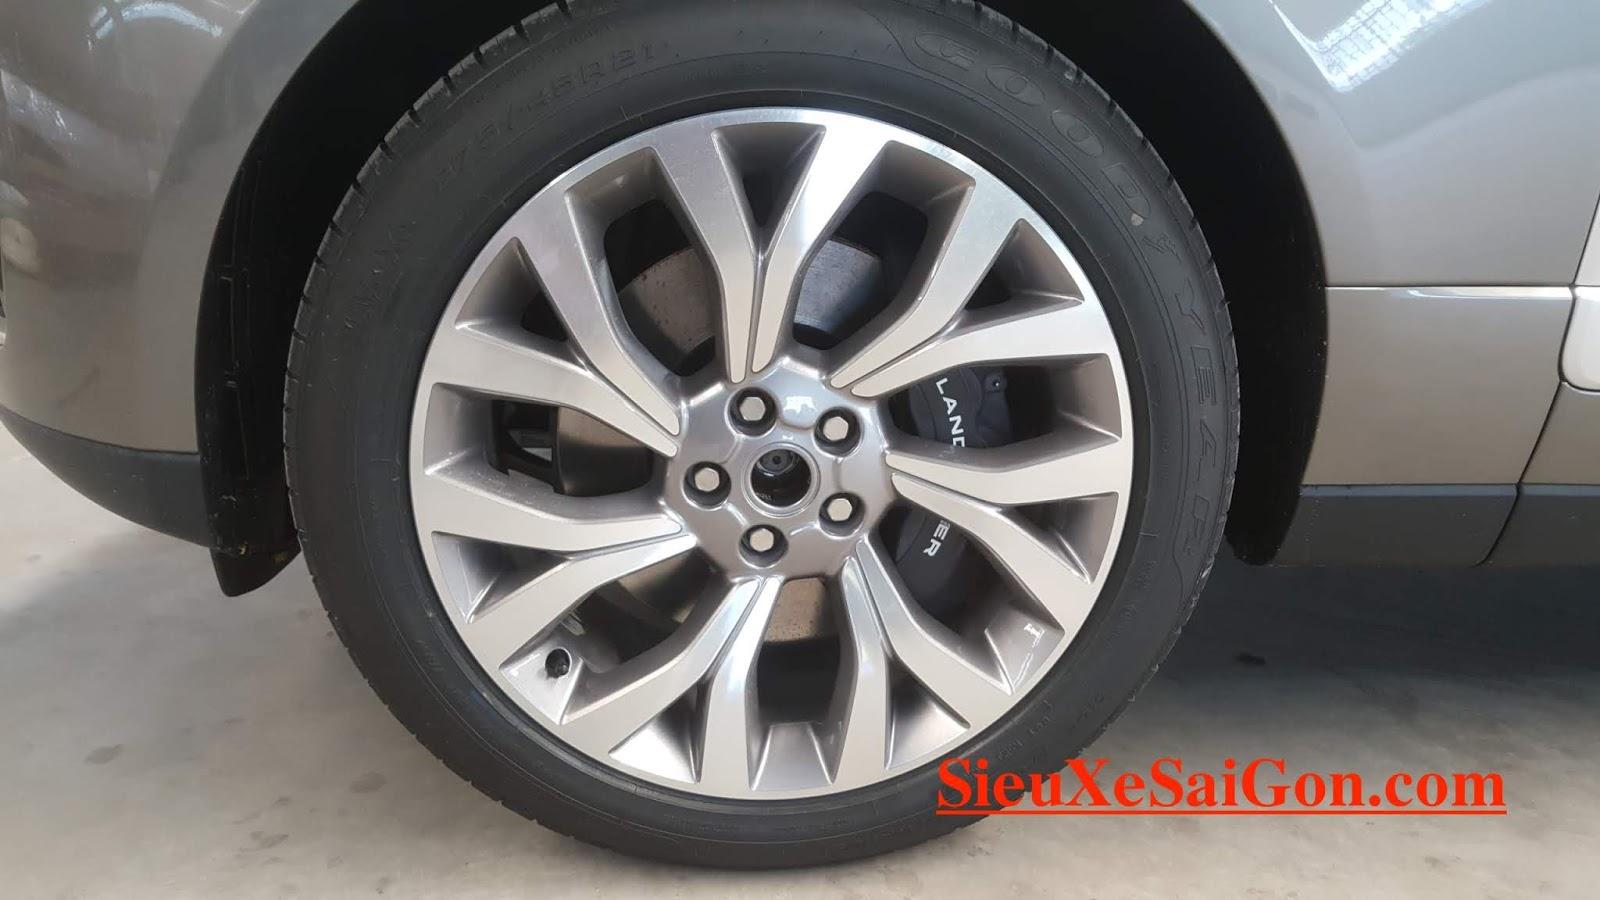 Mâm xe 21 inch hợp kim, Mẫu Động Cơ 3.0 V6 Range Rover Phiên Bản Dài LWB Autobiography 2018 Model 2019 Giao Ngay Giá Bao Nhieu Tiền - màu silicon silver ánh kim bạc